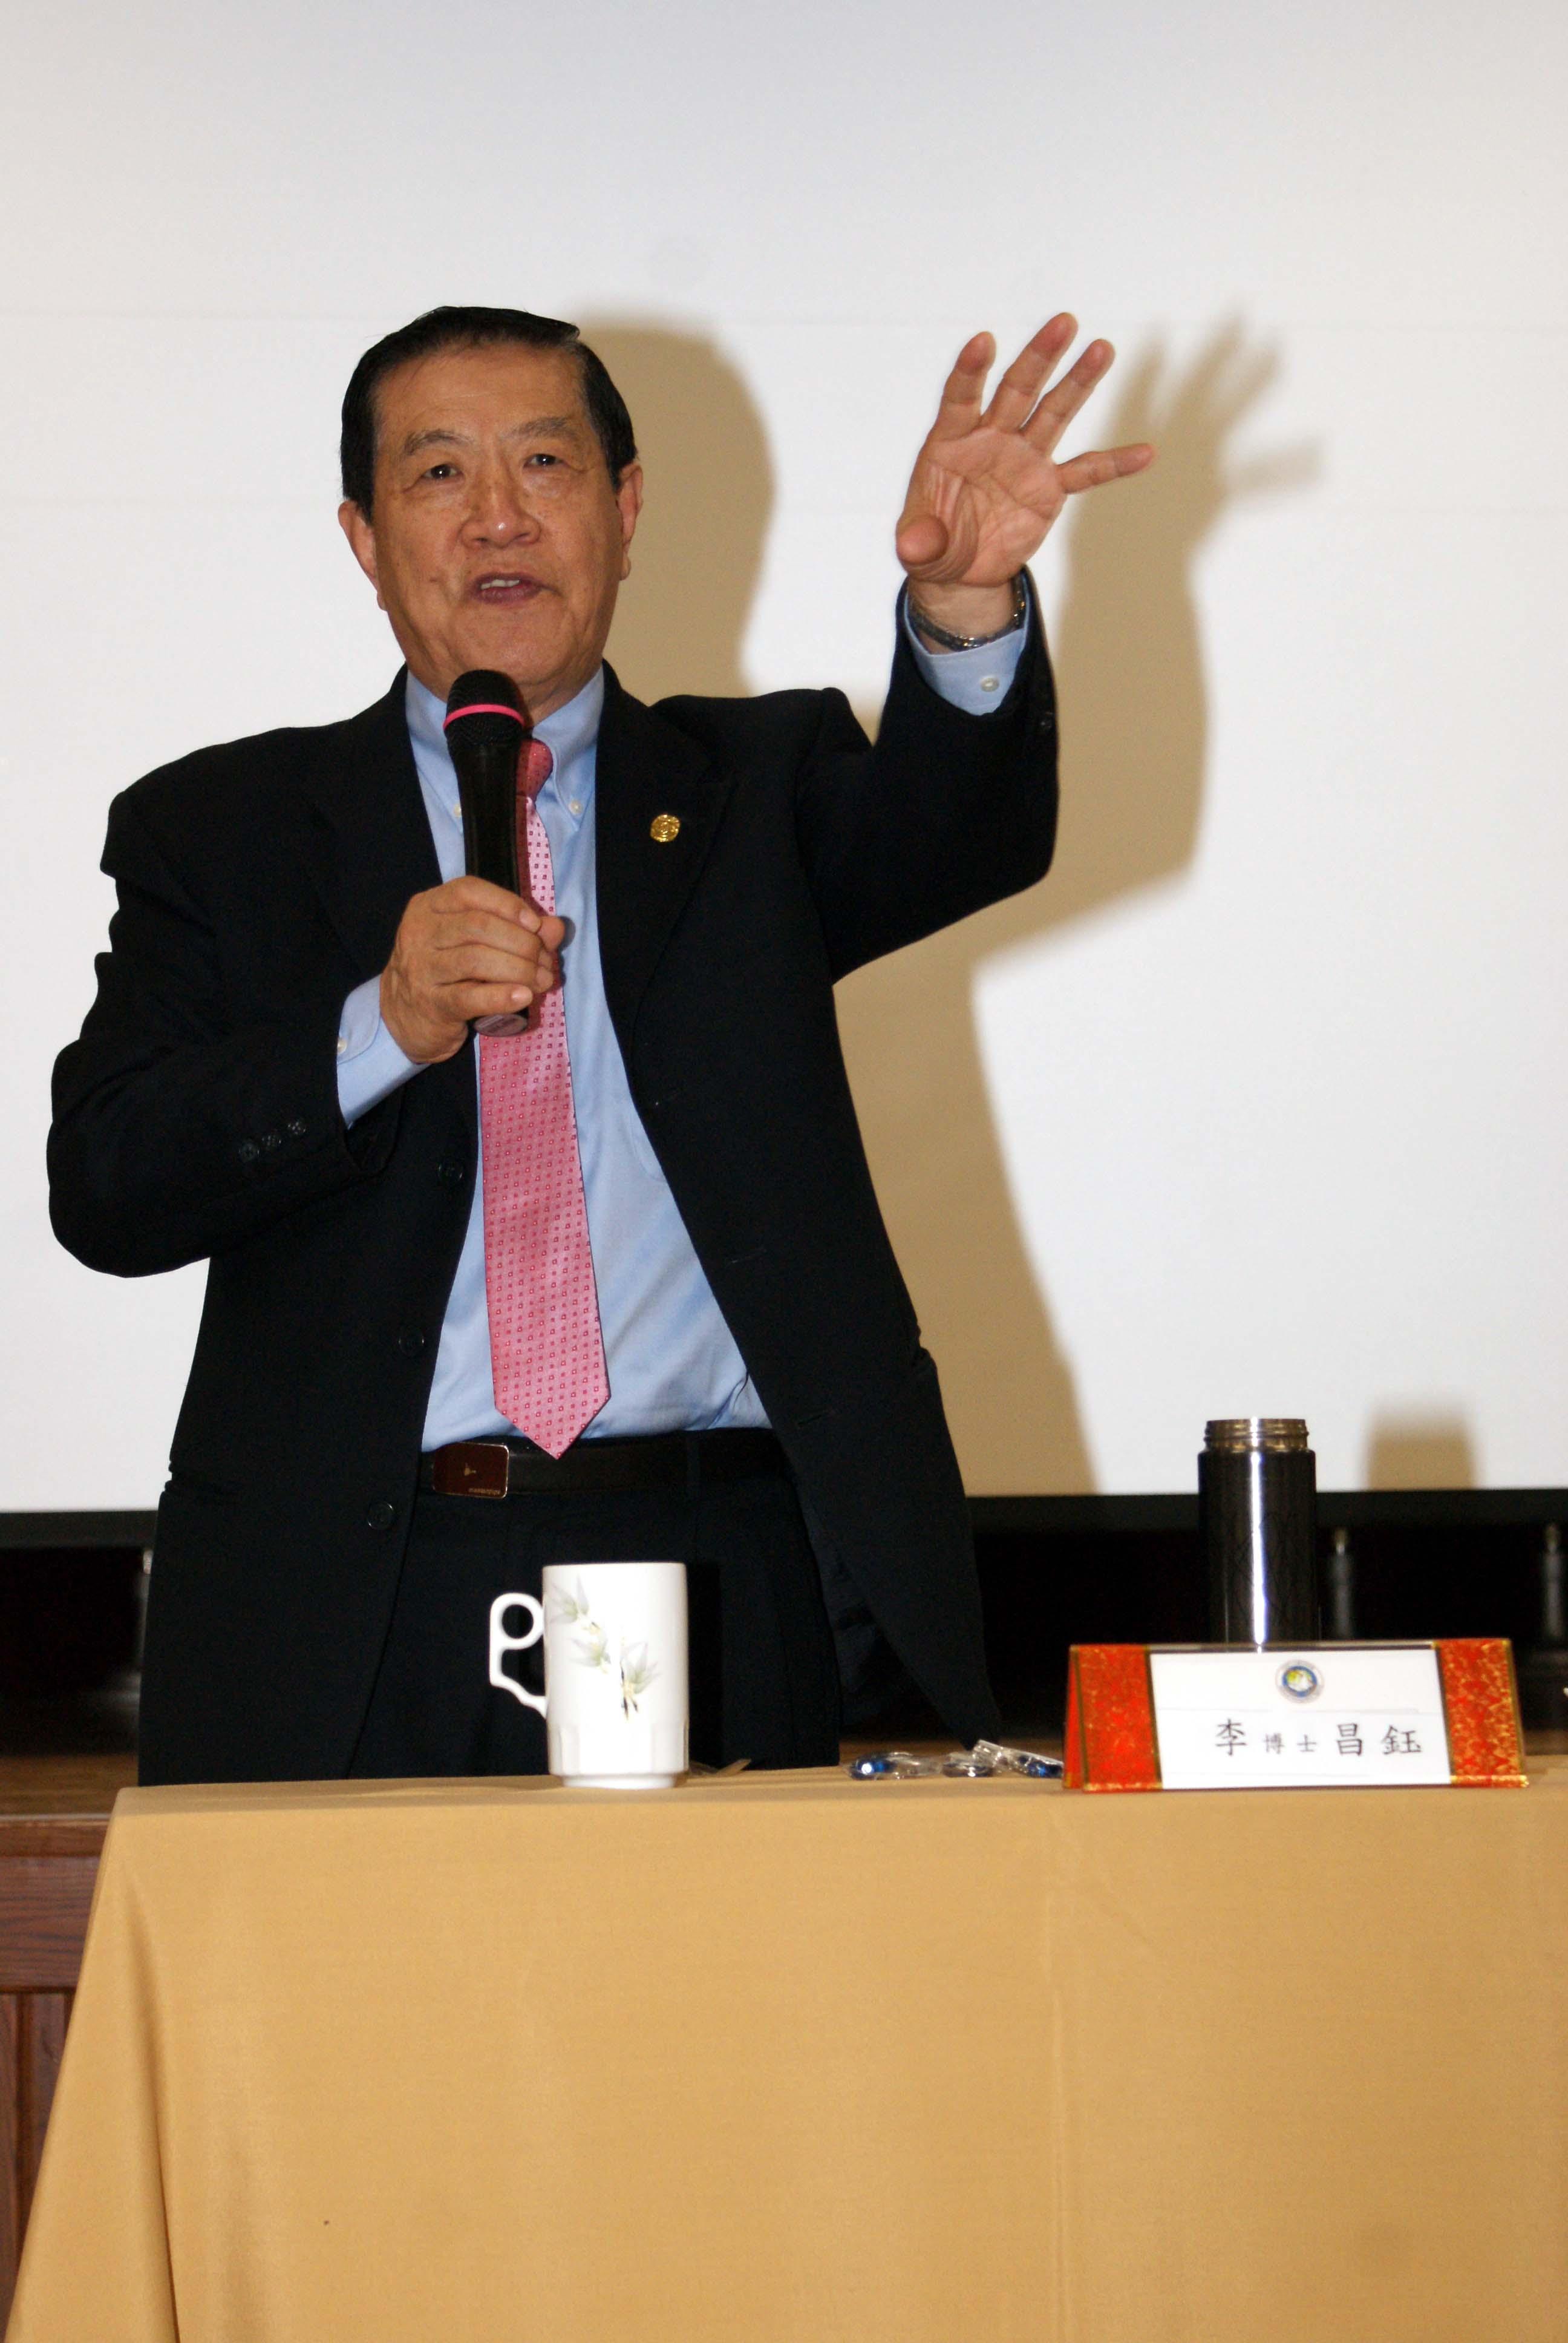 李昌鈺來移民署演講,生動有趣的案例講解,令在場移民官們學習到許多辨識查證技巧。